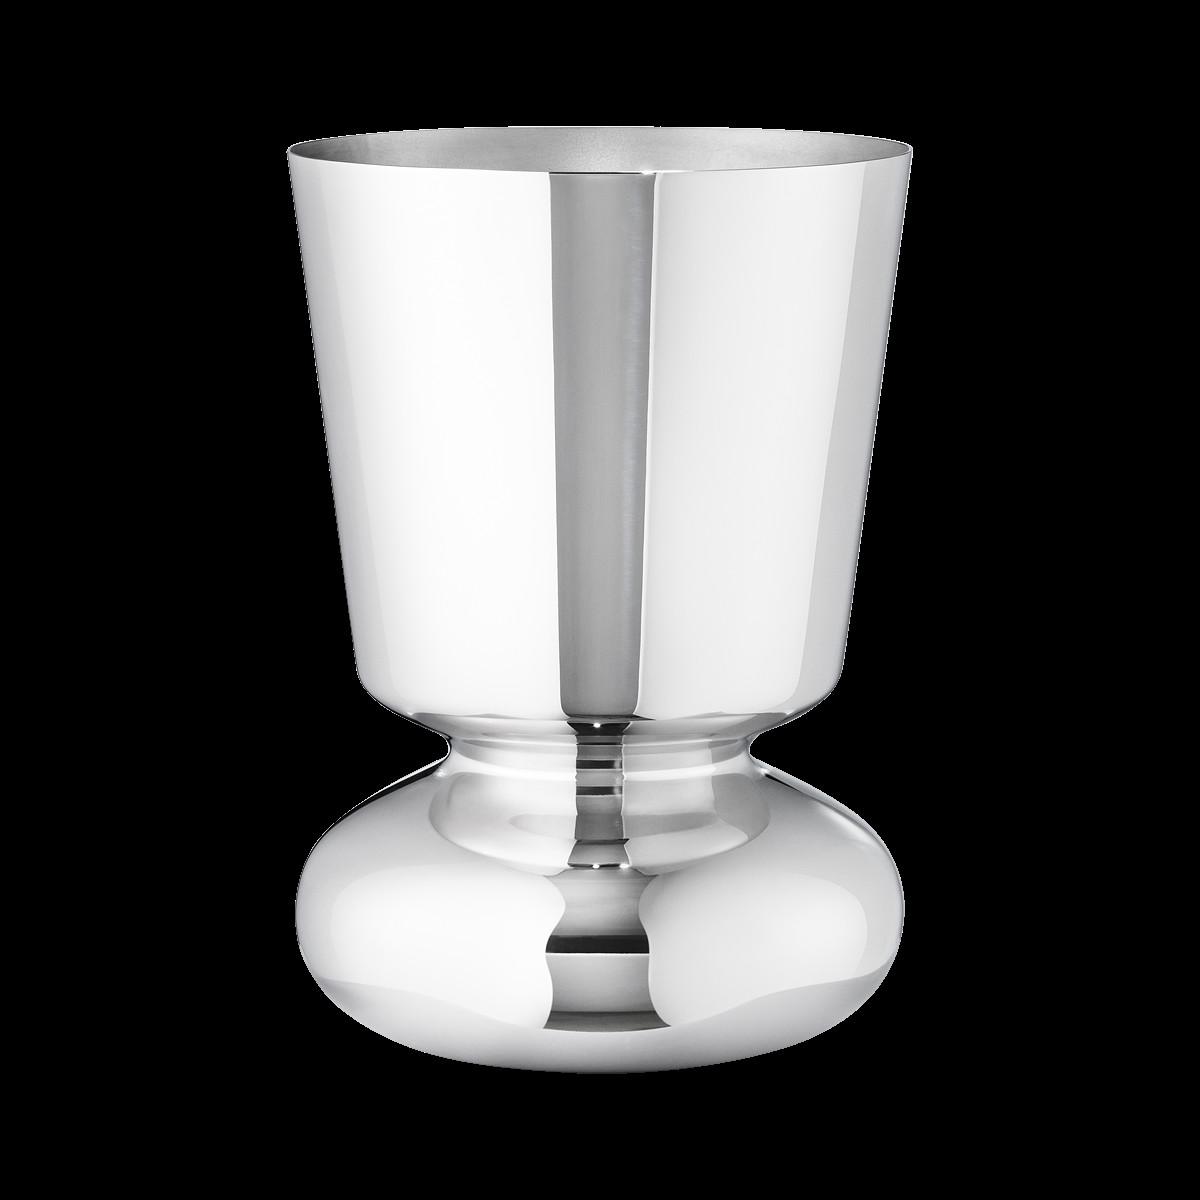 georg jensen alfredo vase of alfredo vase small inside pack 3586209 1200 0